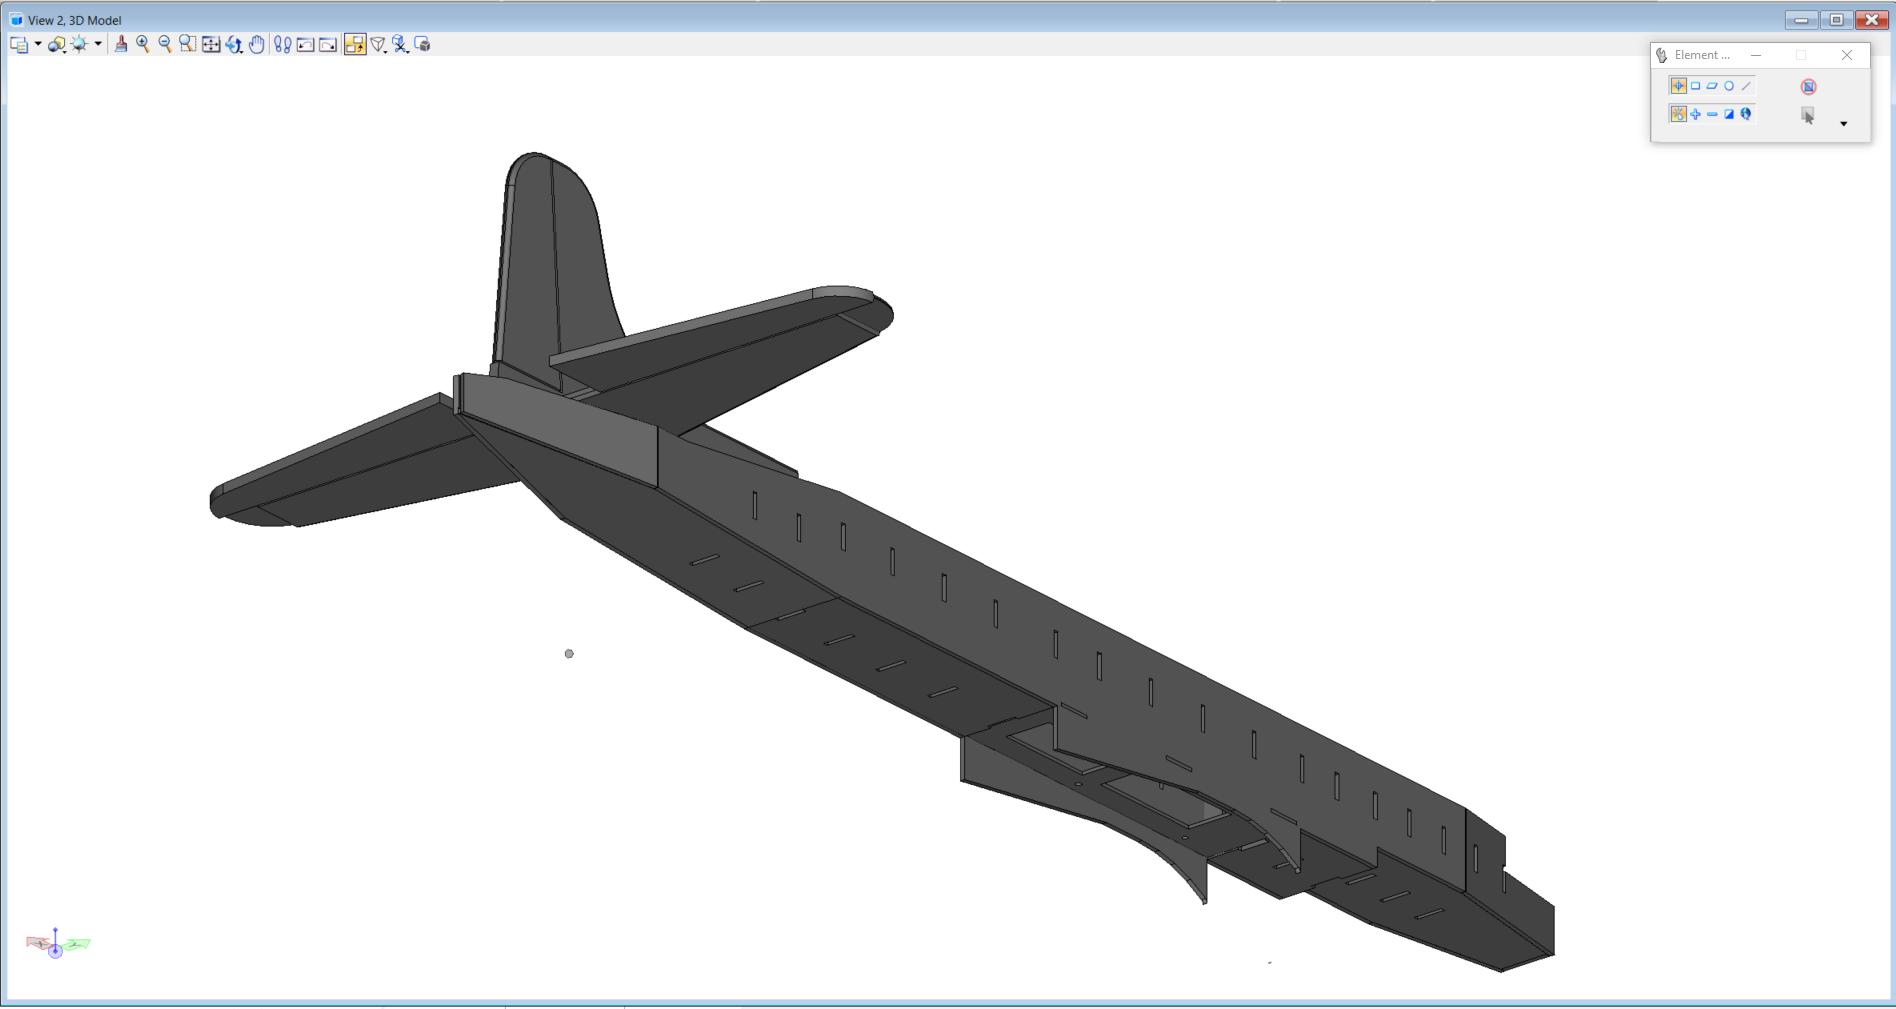 DouglasDC-6-Model-3D-3.png